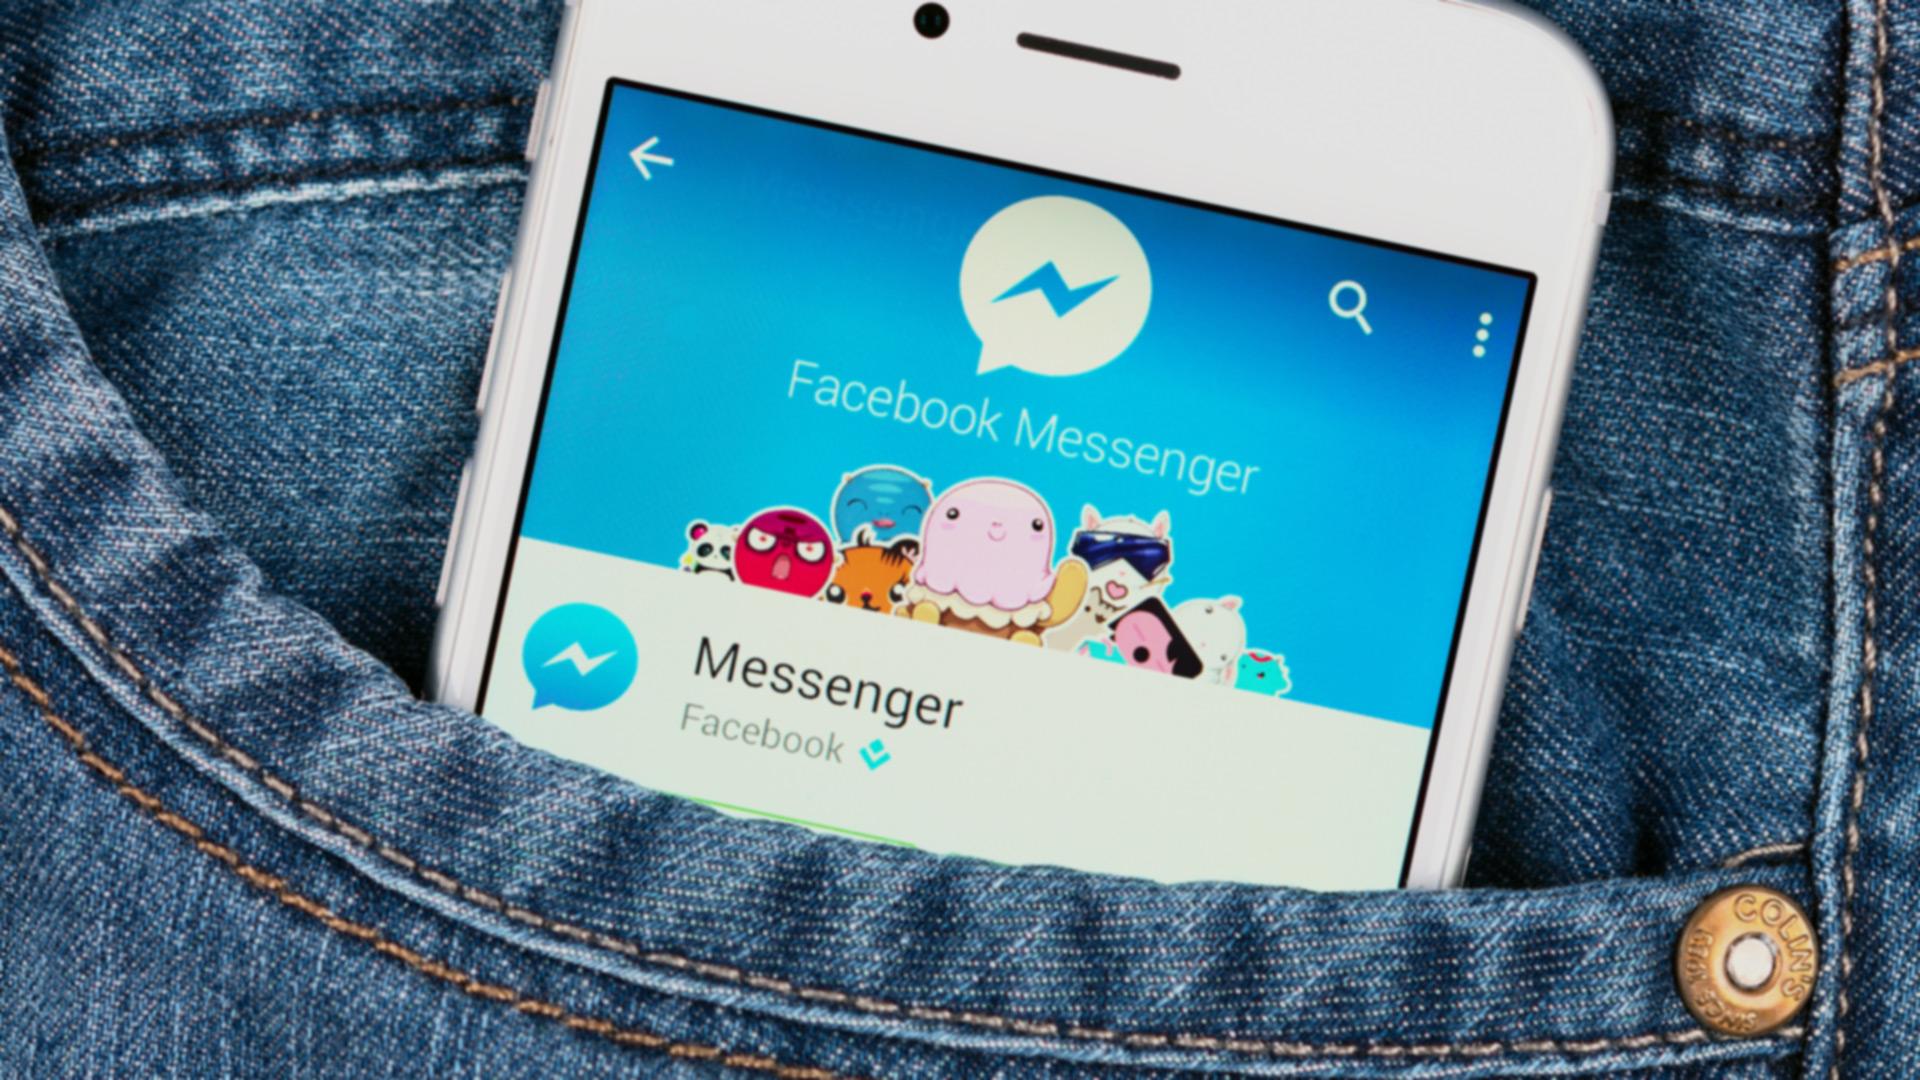 Come creare sondaggi in Facebook Messenger in modo semplice 1